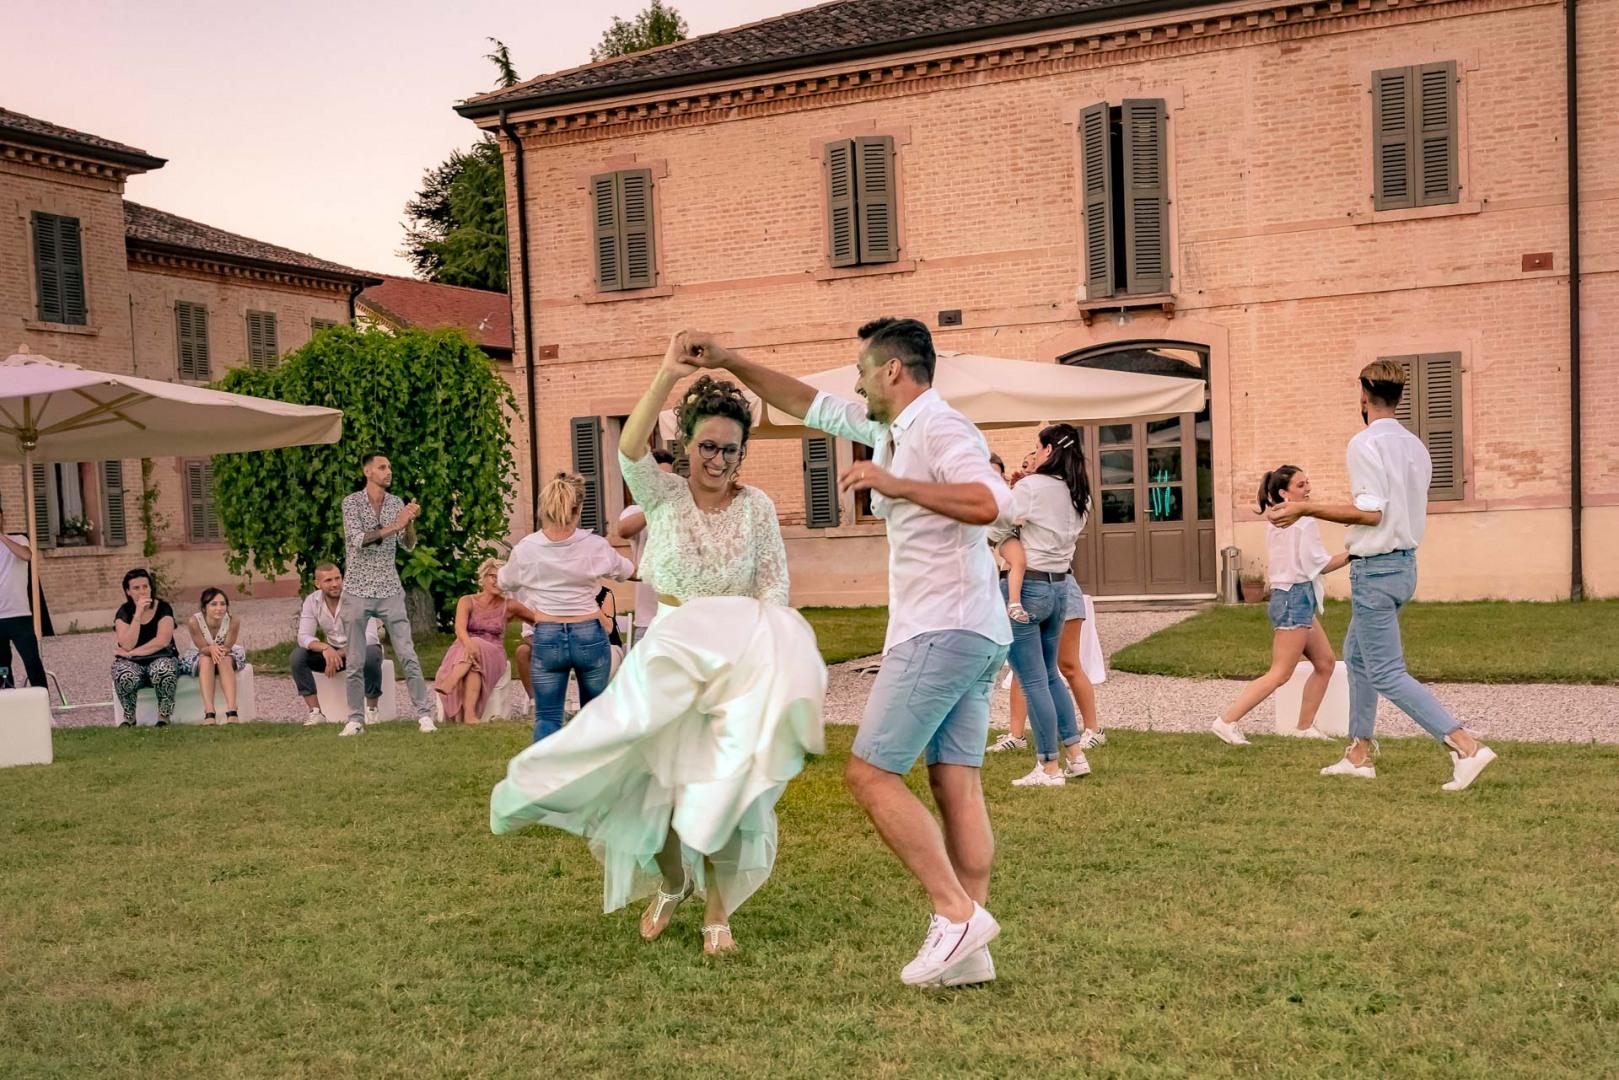 nicola-da-lio-wedding-photographer-venezia-treviso-padova-veneto-italia-151